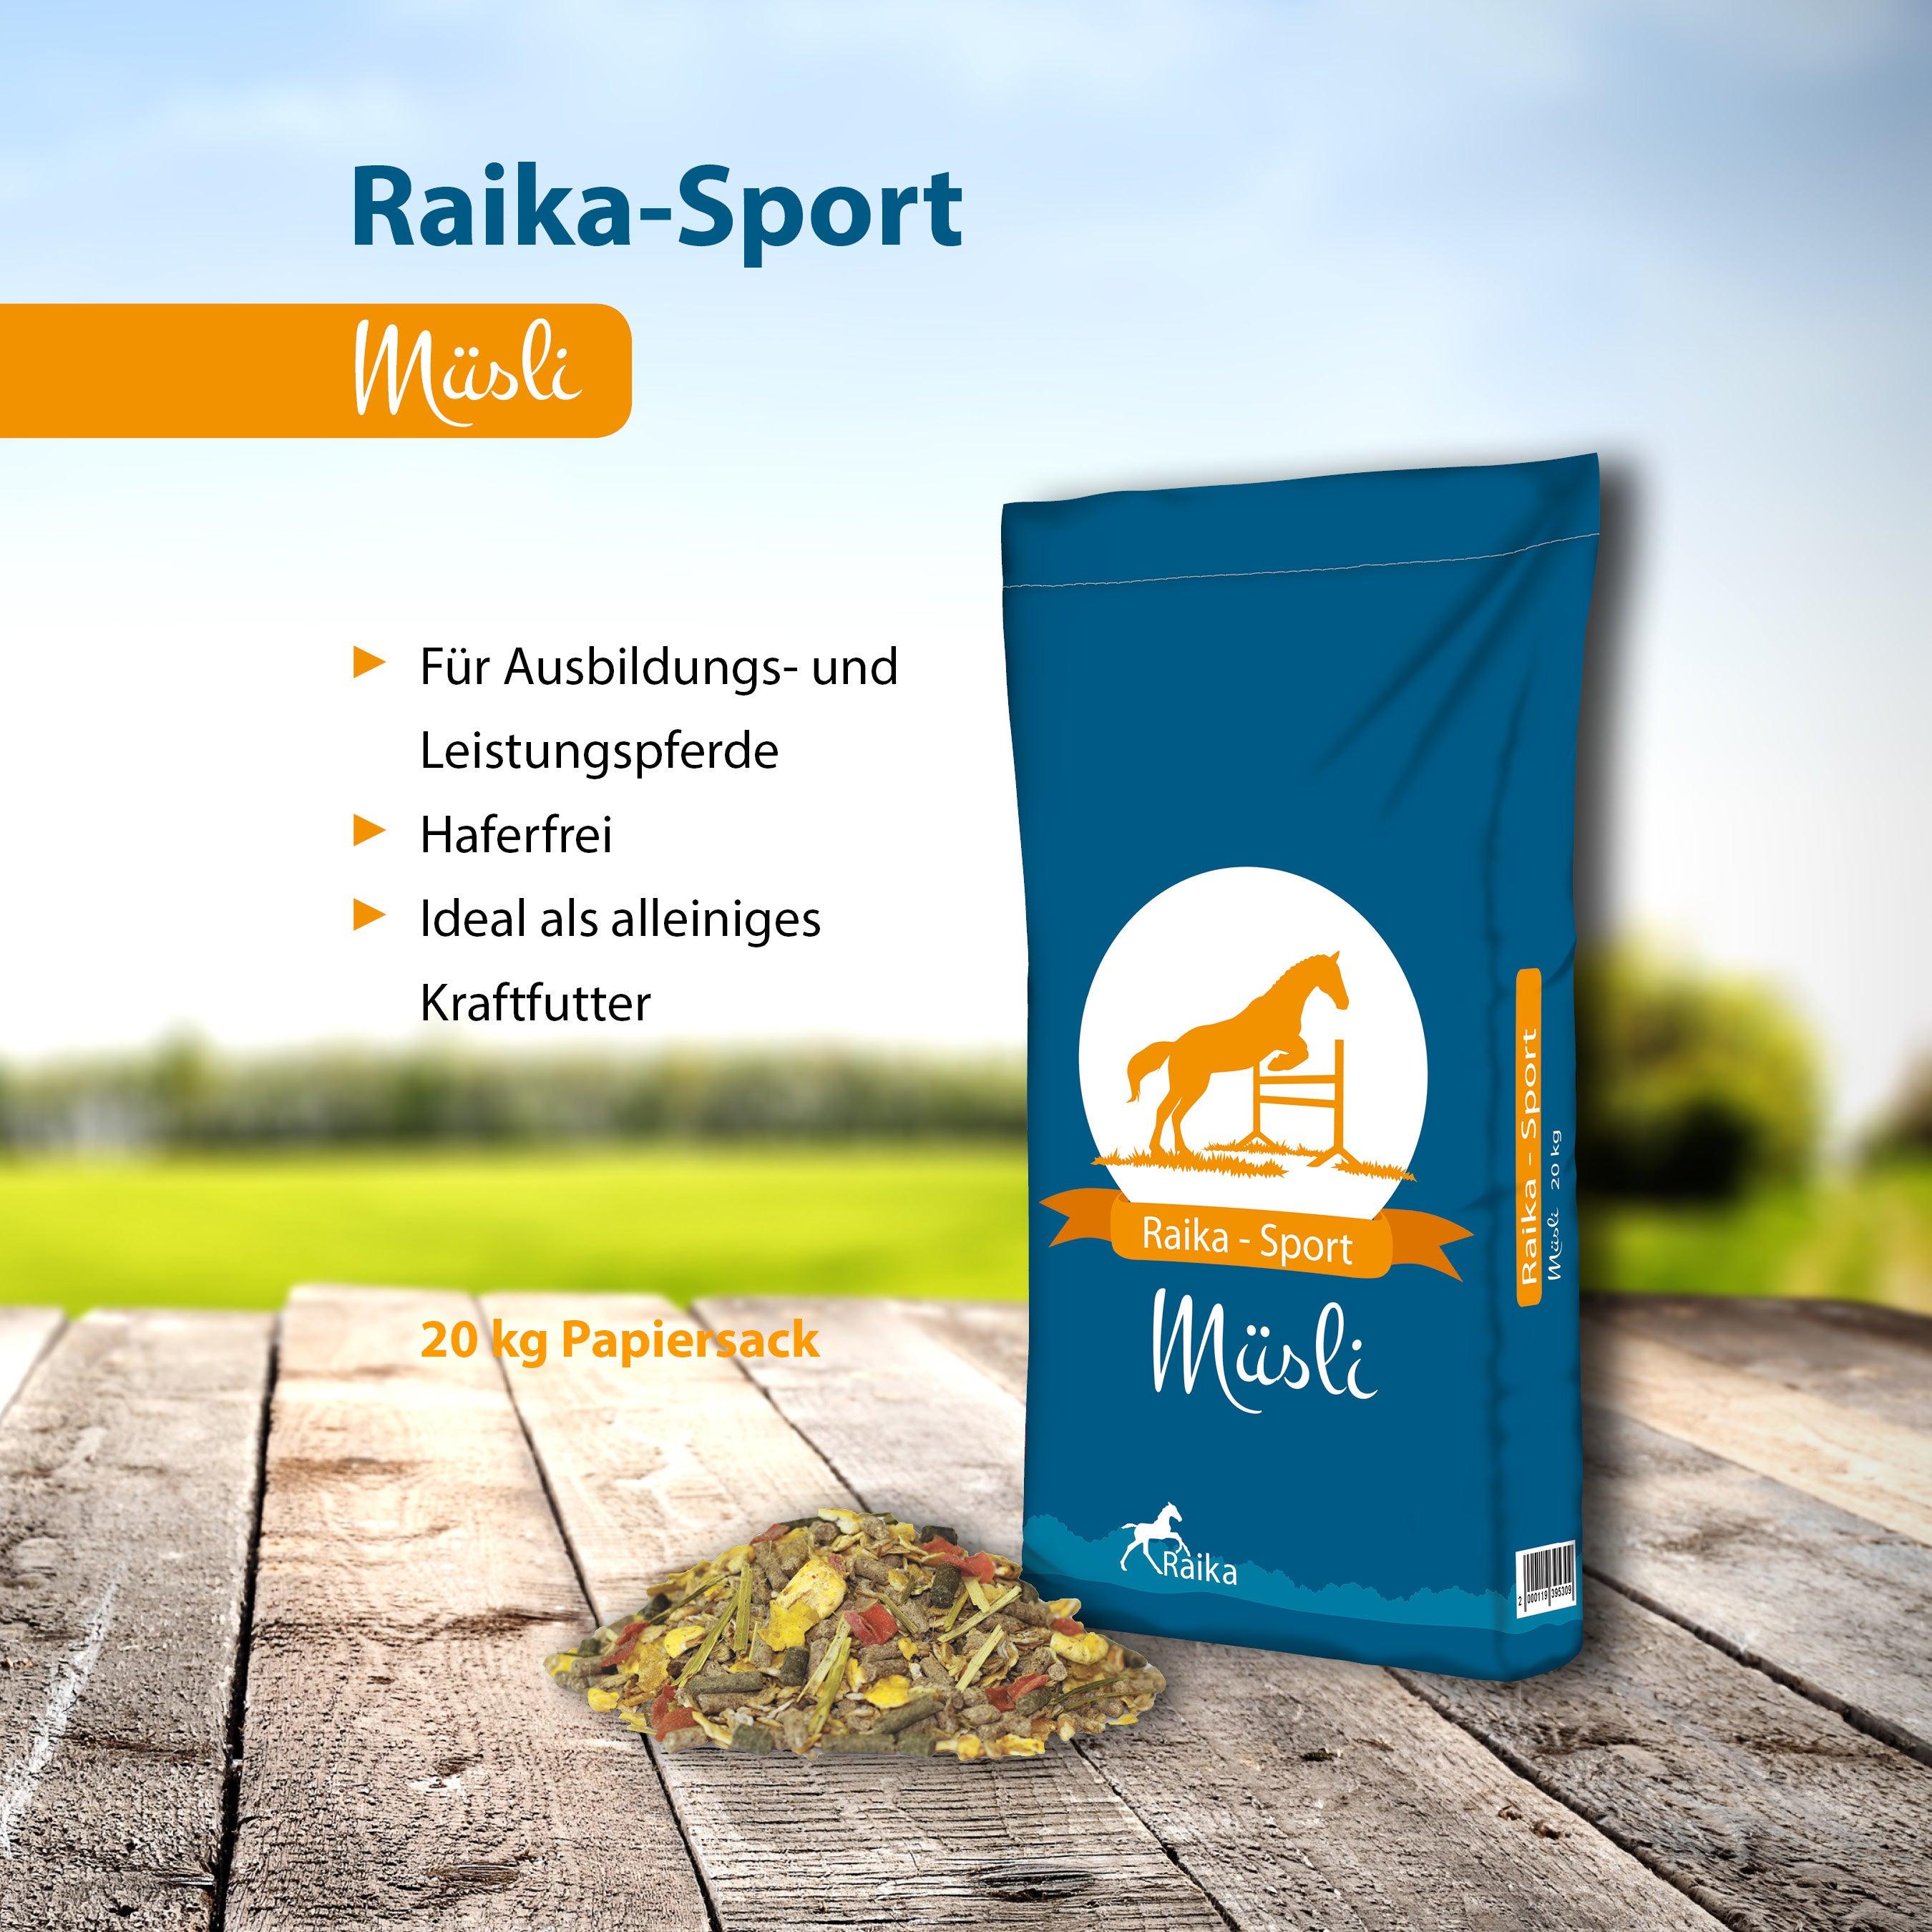 Raika-Sport Müsli Pferdefutter